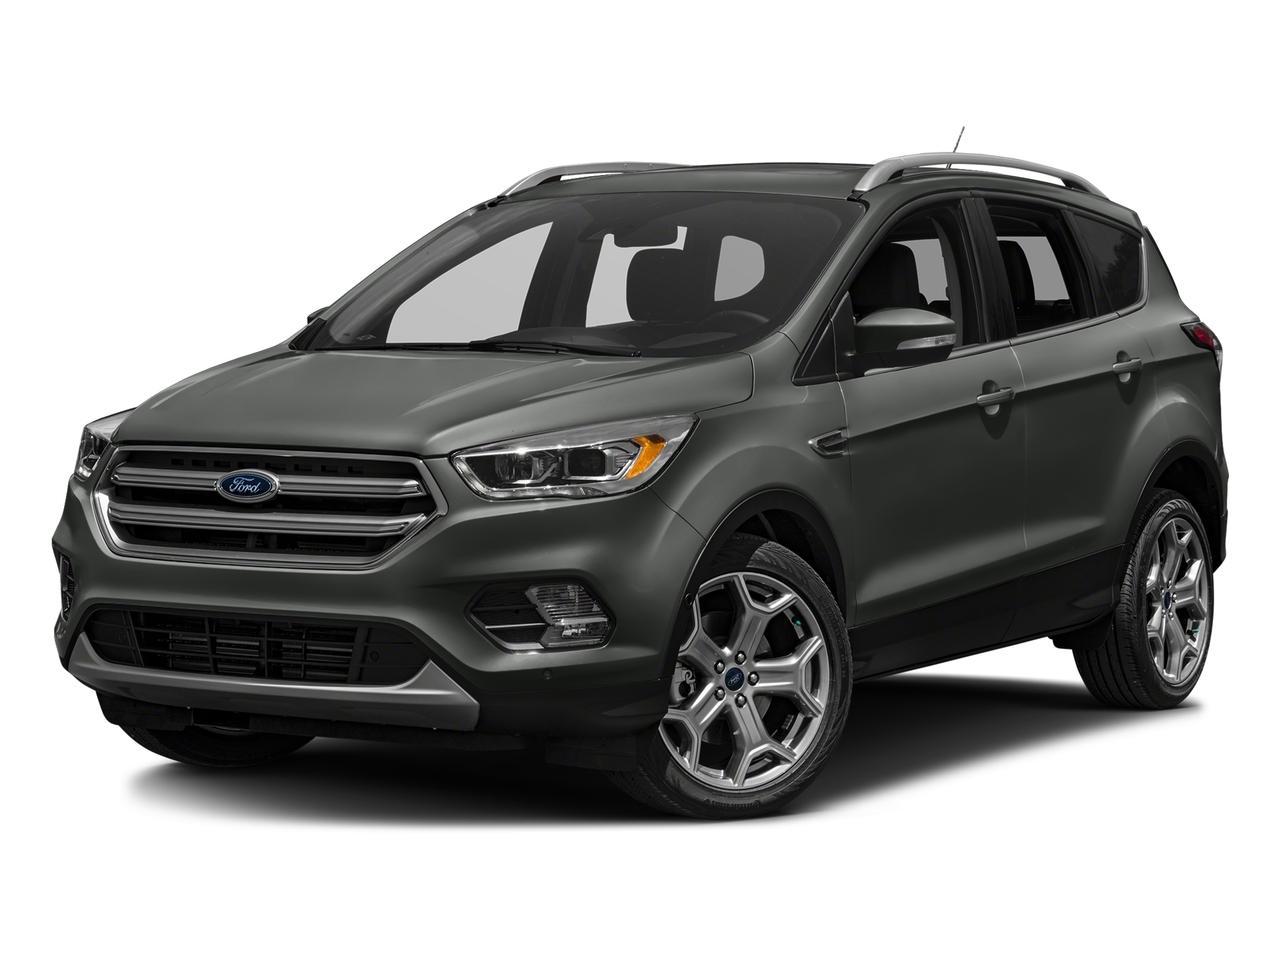 2017 Ford Escape Vehicle Photo in TREVOSE, PA 19053-4984